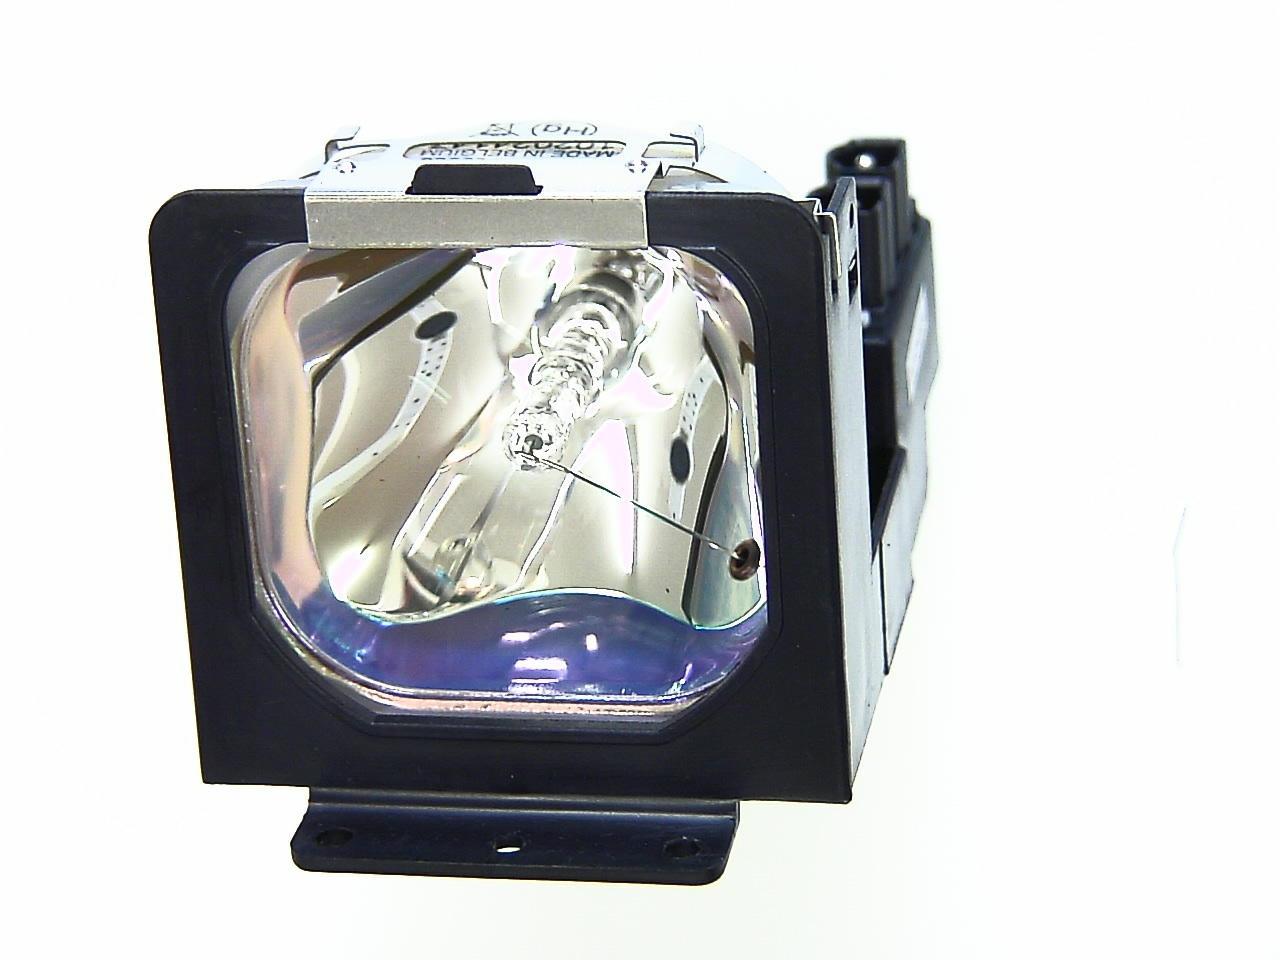 Lámpara CANON LV-5100